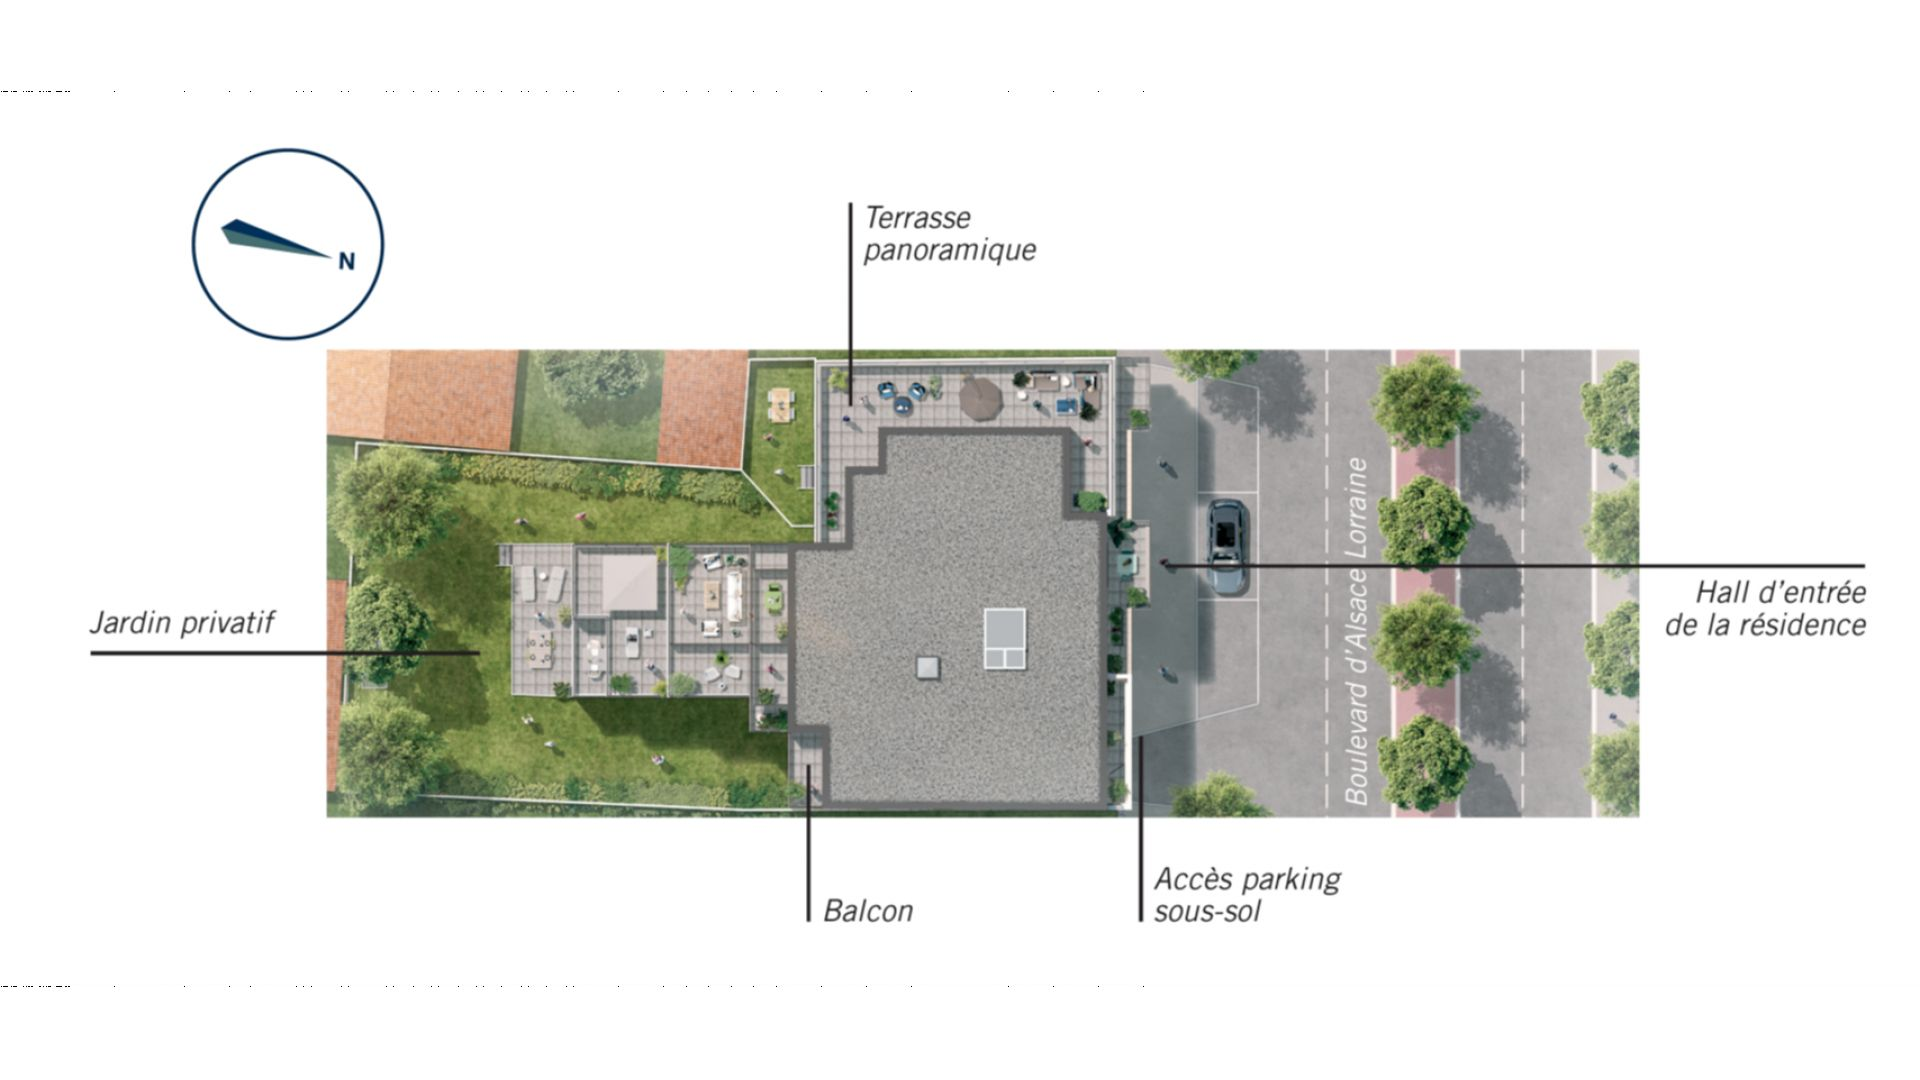 Greencity Immobilier - Résidence Silver Park - achat appartements du T2 au T4 - Le Perreux sur Marne 94170 - plan de masse